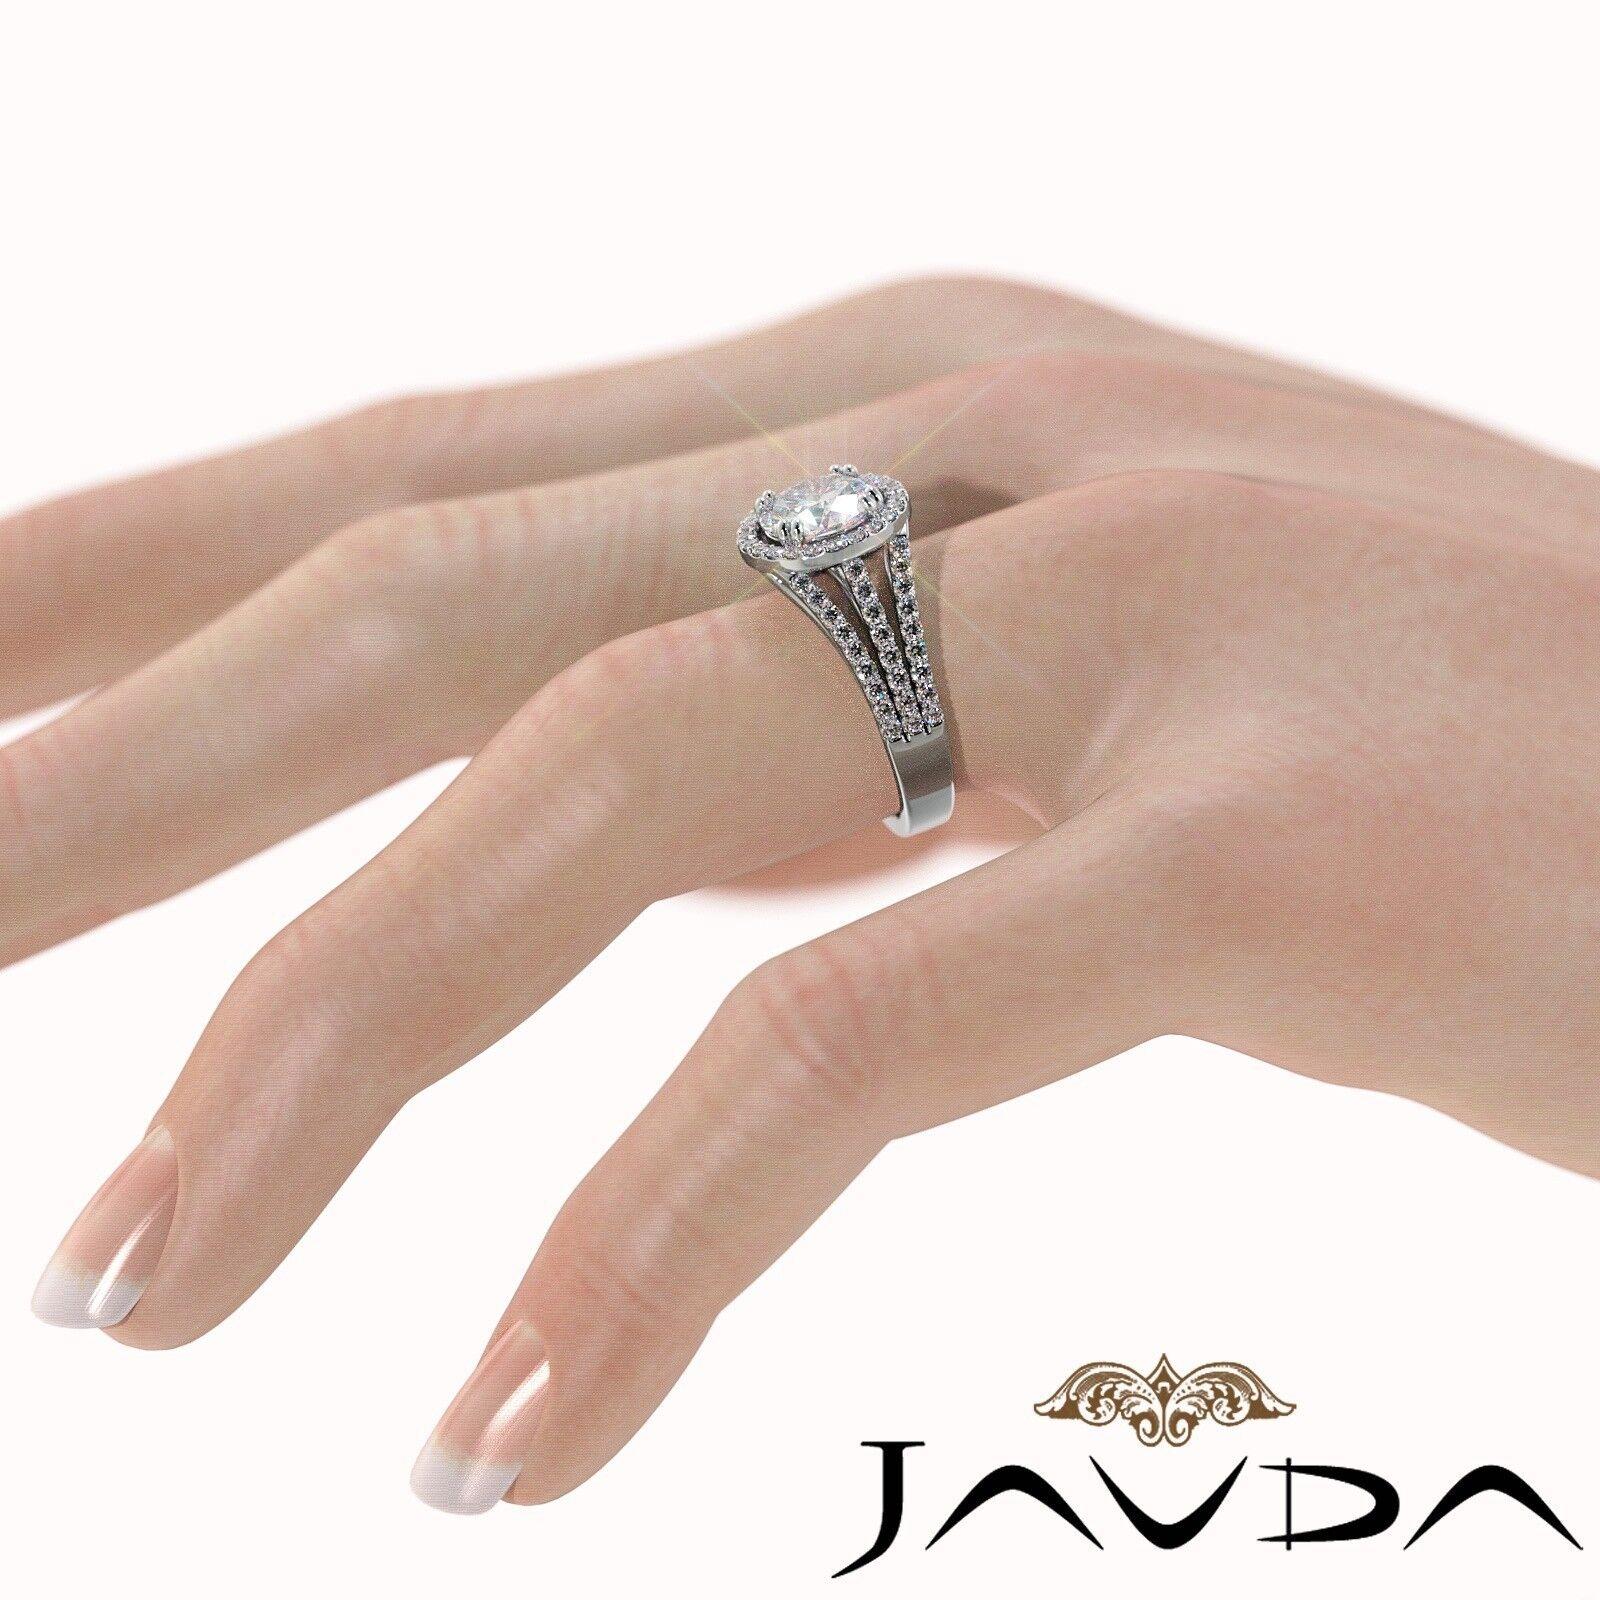 2ct Trio Shank Halo Sidestone Round Diamond Engagement Ring GIA E-VS2 White Gold 4